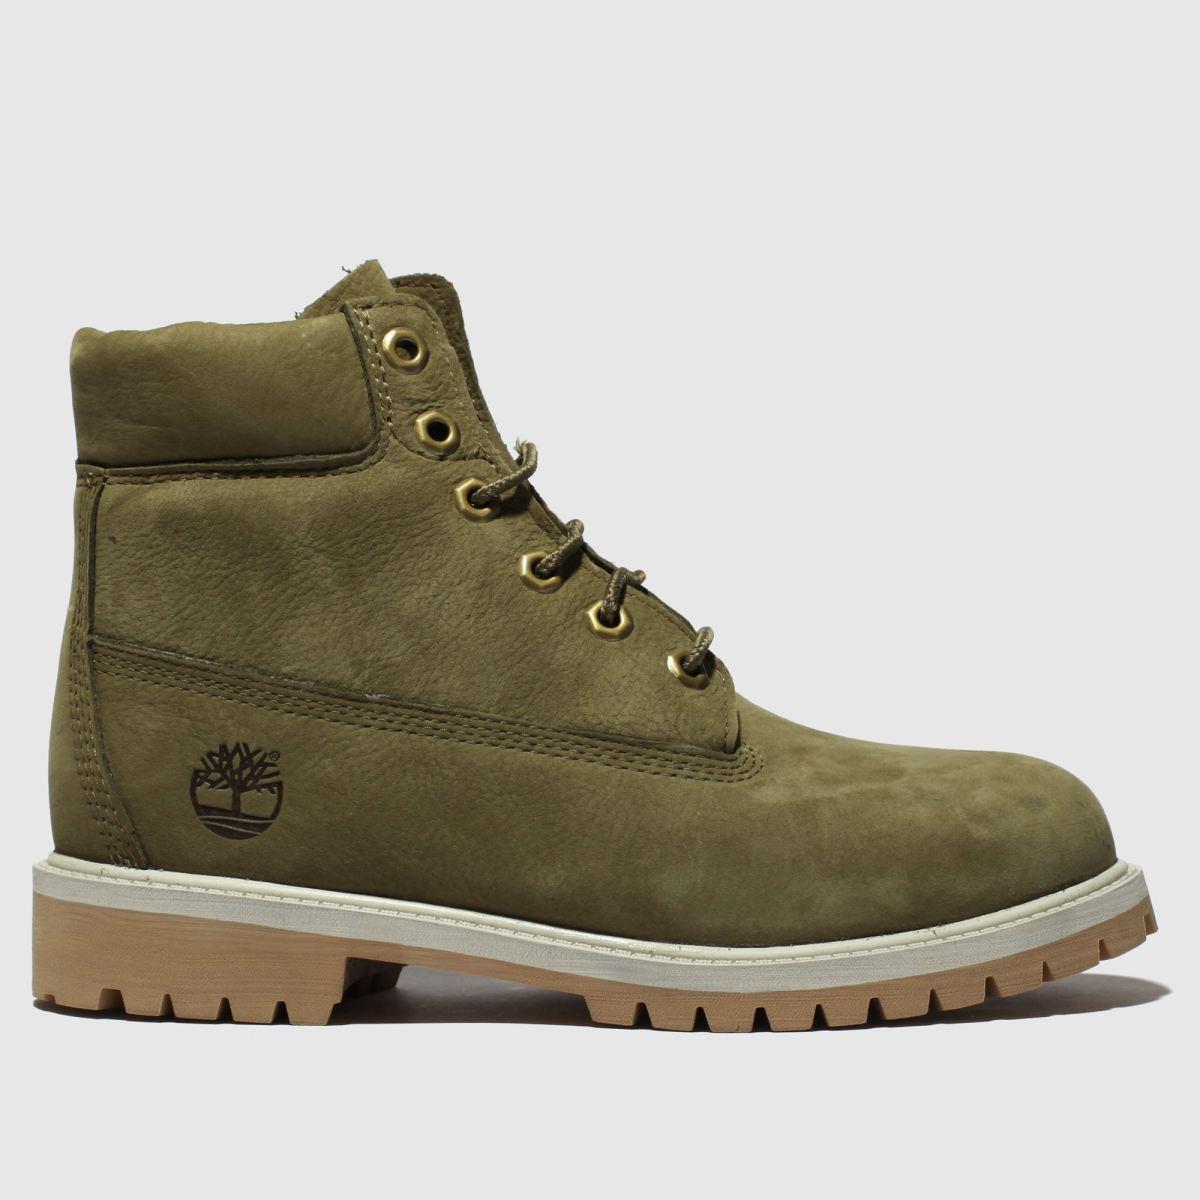 Timberland Khaki Inch Premium Boots Junior